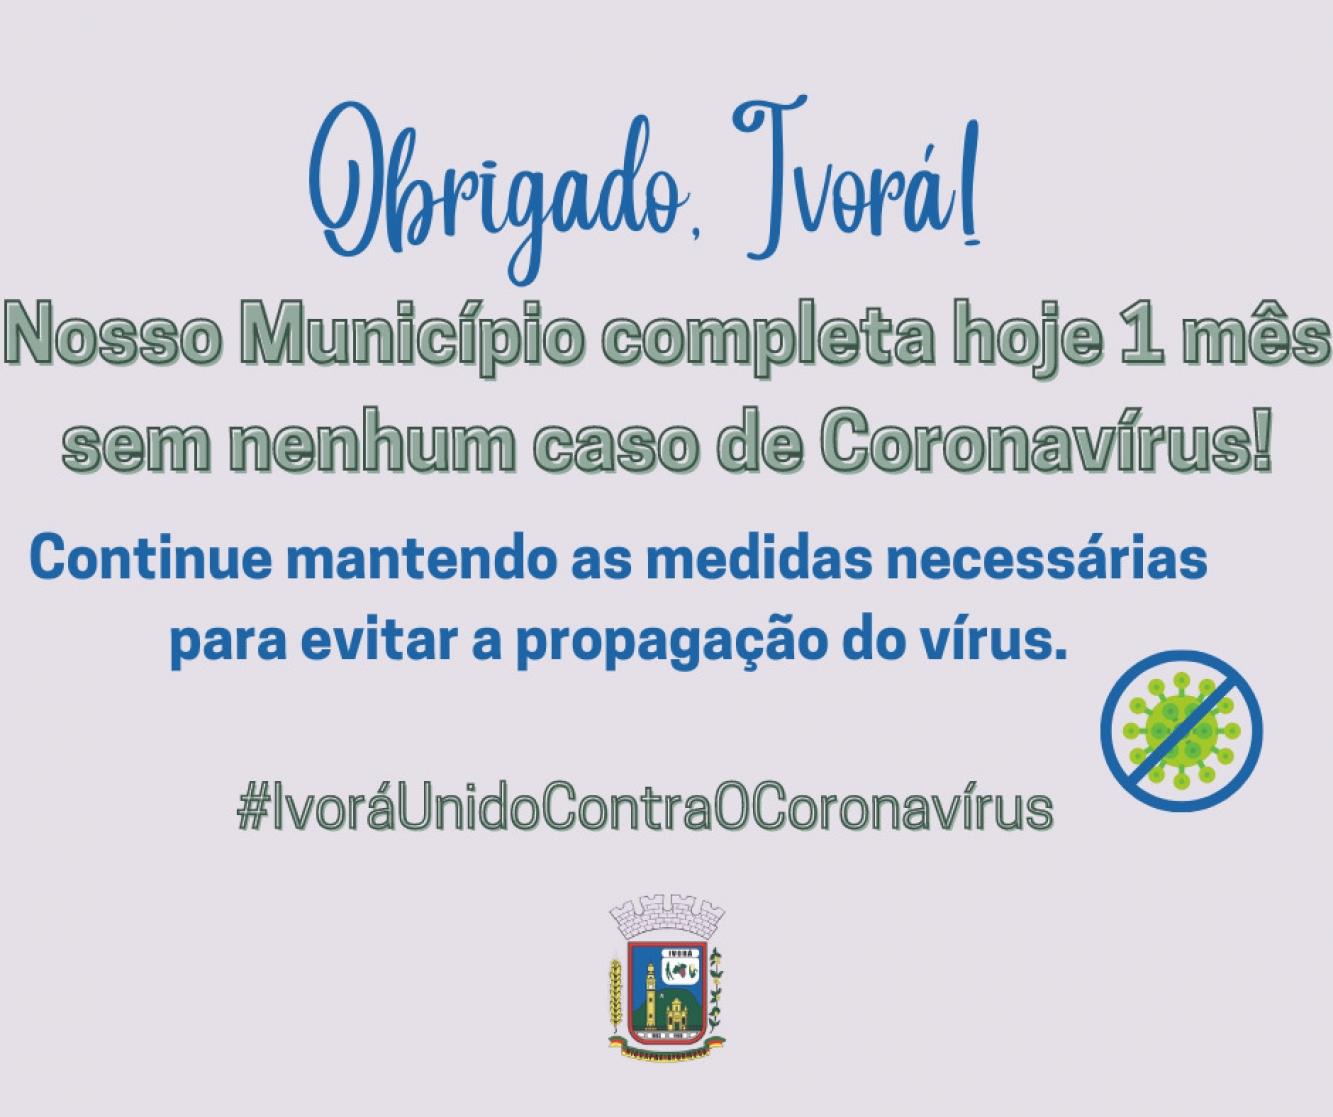 Ivorá completa hoje 1 mês sem nenhum novo caso de Covid-19!